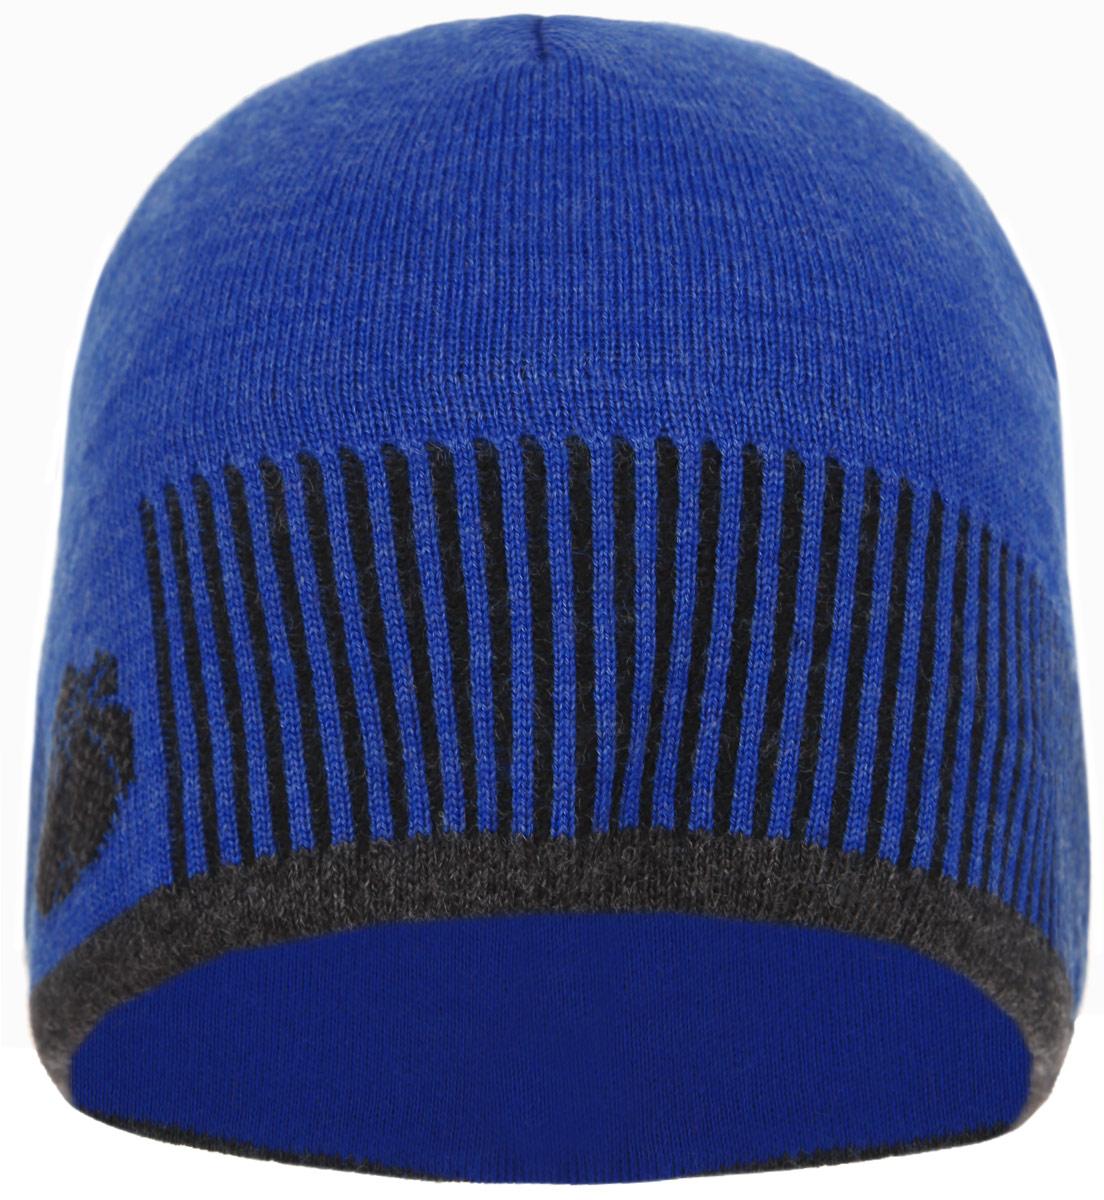 012.00012.01Стильная шапка Anti отлично дополнит ваш образ в прохладную погоду. Содержание шерсти и акрила отлично сохраняет тепло и обеспечивает удобную посадку. Такая модель комфортна и приятна на ощупь, она великолепно подчеркнет ваш вкус. Шапка Ant станет отличным дополнением к вашему осеннему или зимнему гардеробу, в ней вам будет уютно и тепло!